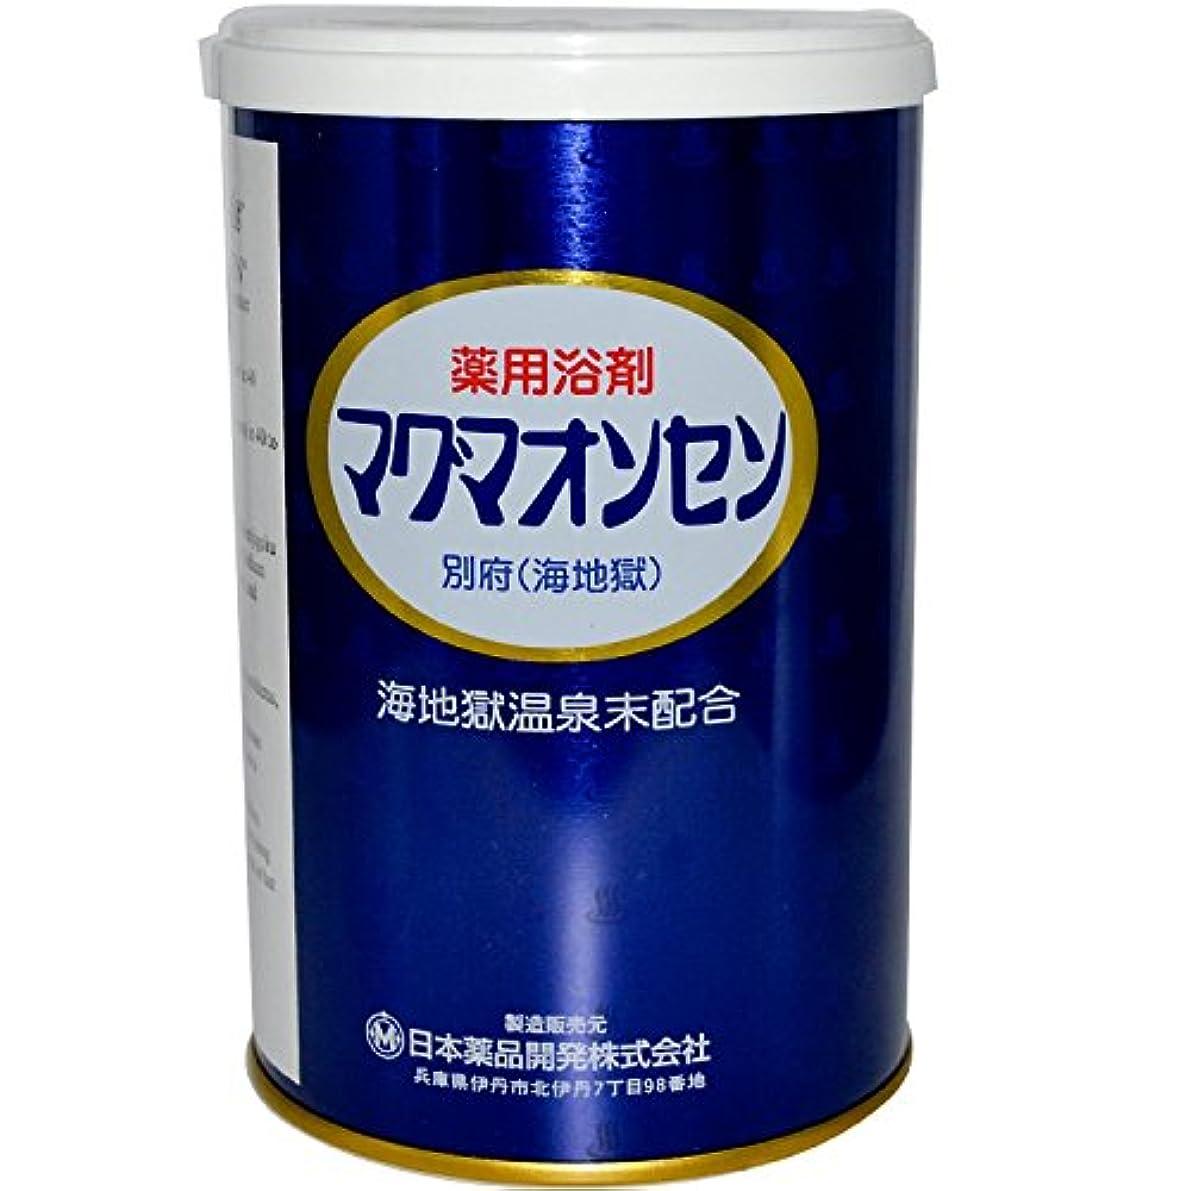 薬用浴剤マグマオンセン別府(海地獄)500gx4個